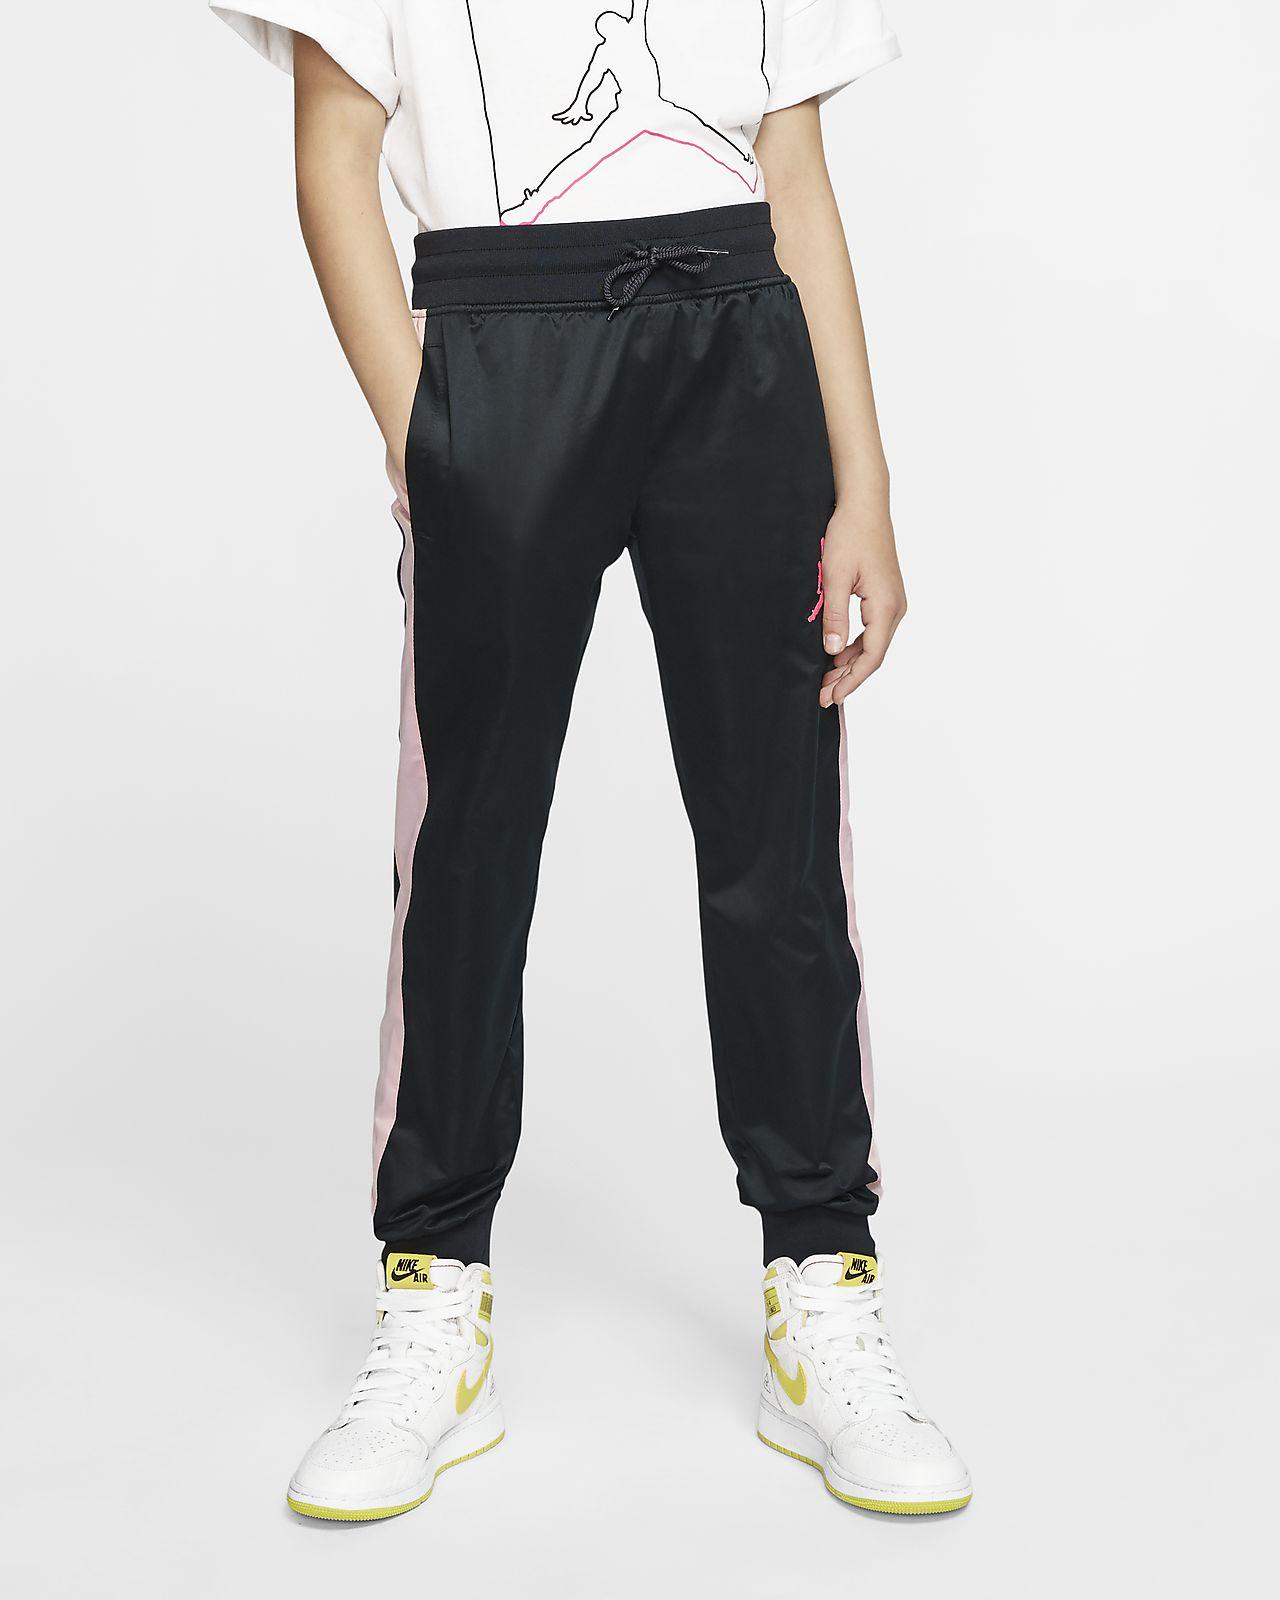 Jordan Jumpman Big Kids' (Girls') Cuffed Pants